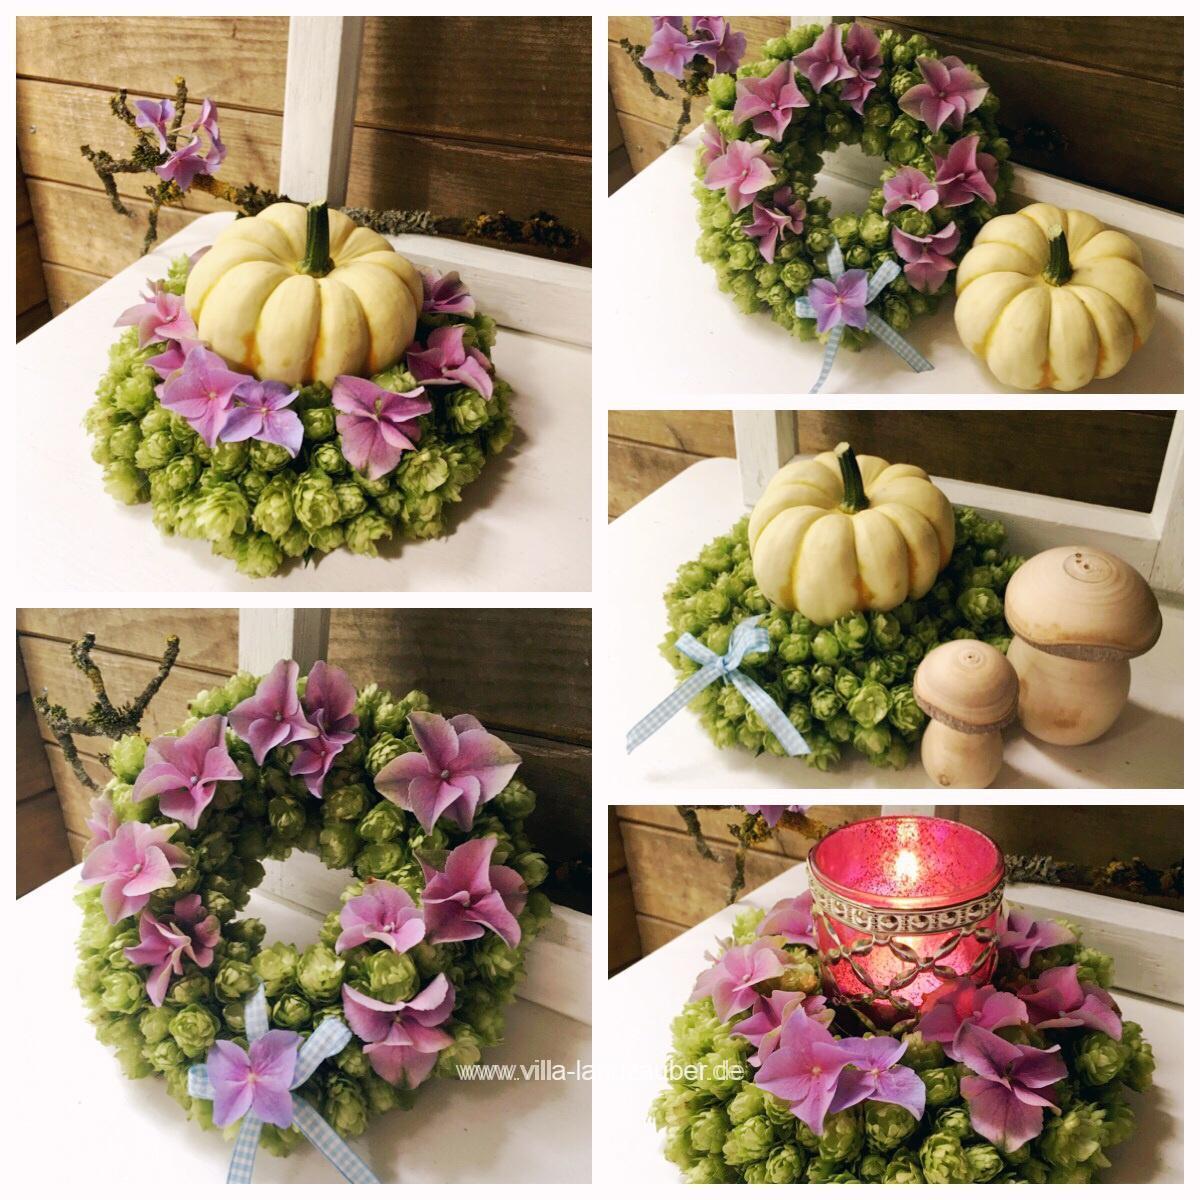 Herbstliche dekorationen f r haus und garten villa landzauber - Deko mit hortensien ...